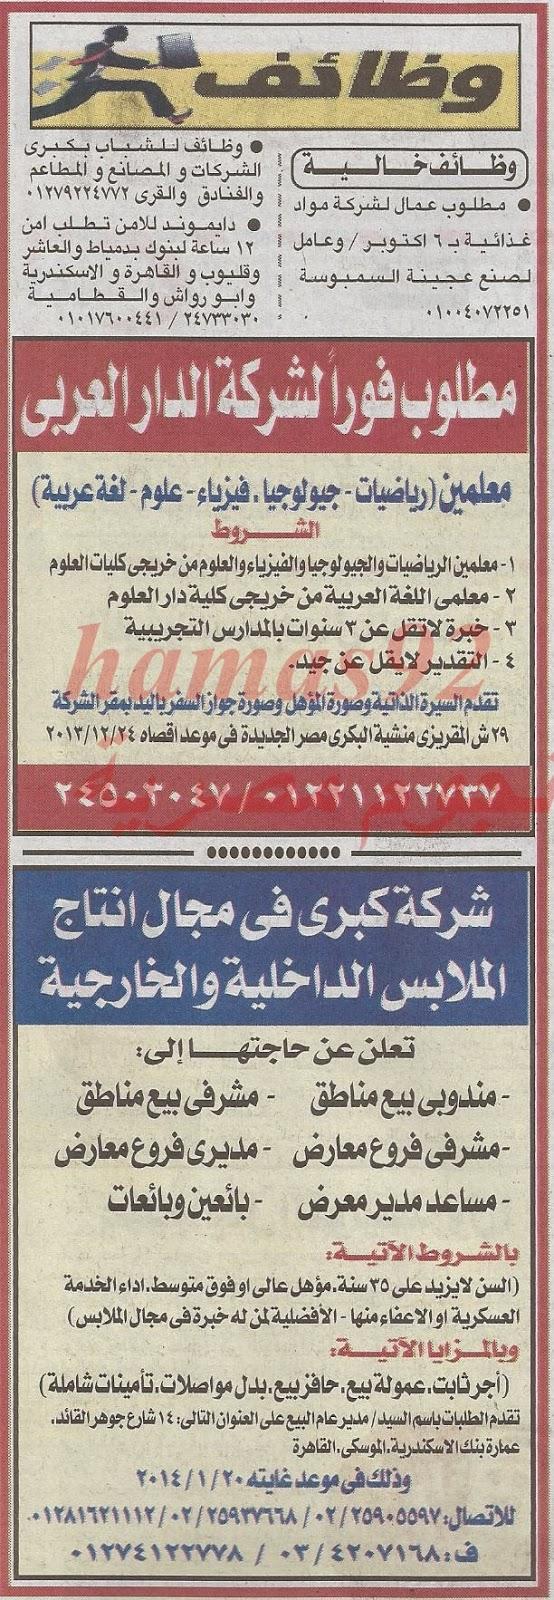 وظائف جريدة الاخبار اليوم الاثنين 23-12-2013 , وظائف خالية اليوم 23 ديسمبر 2013